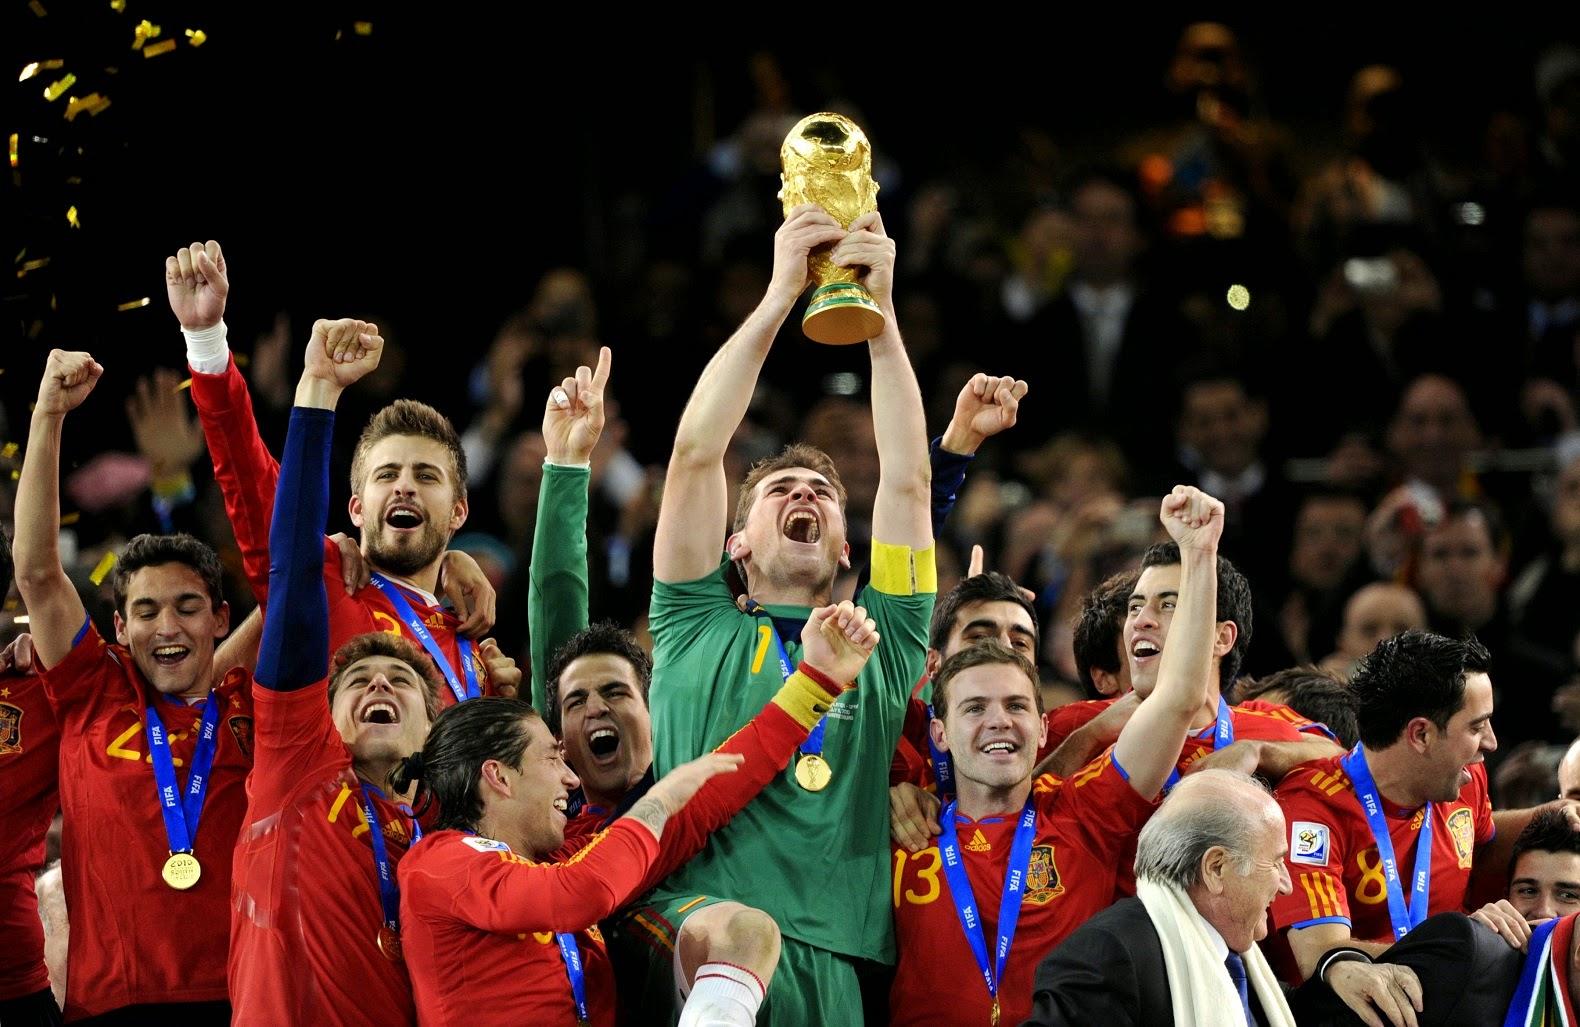 La selección española de fútbol campeona del mundo en Sudáfrica